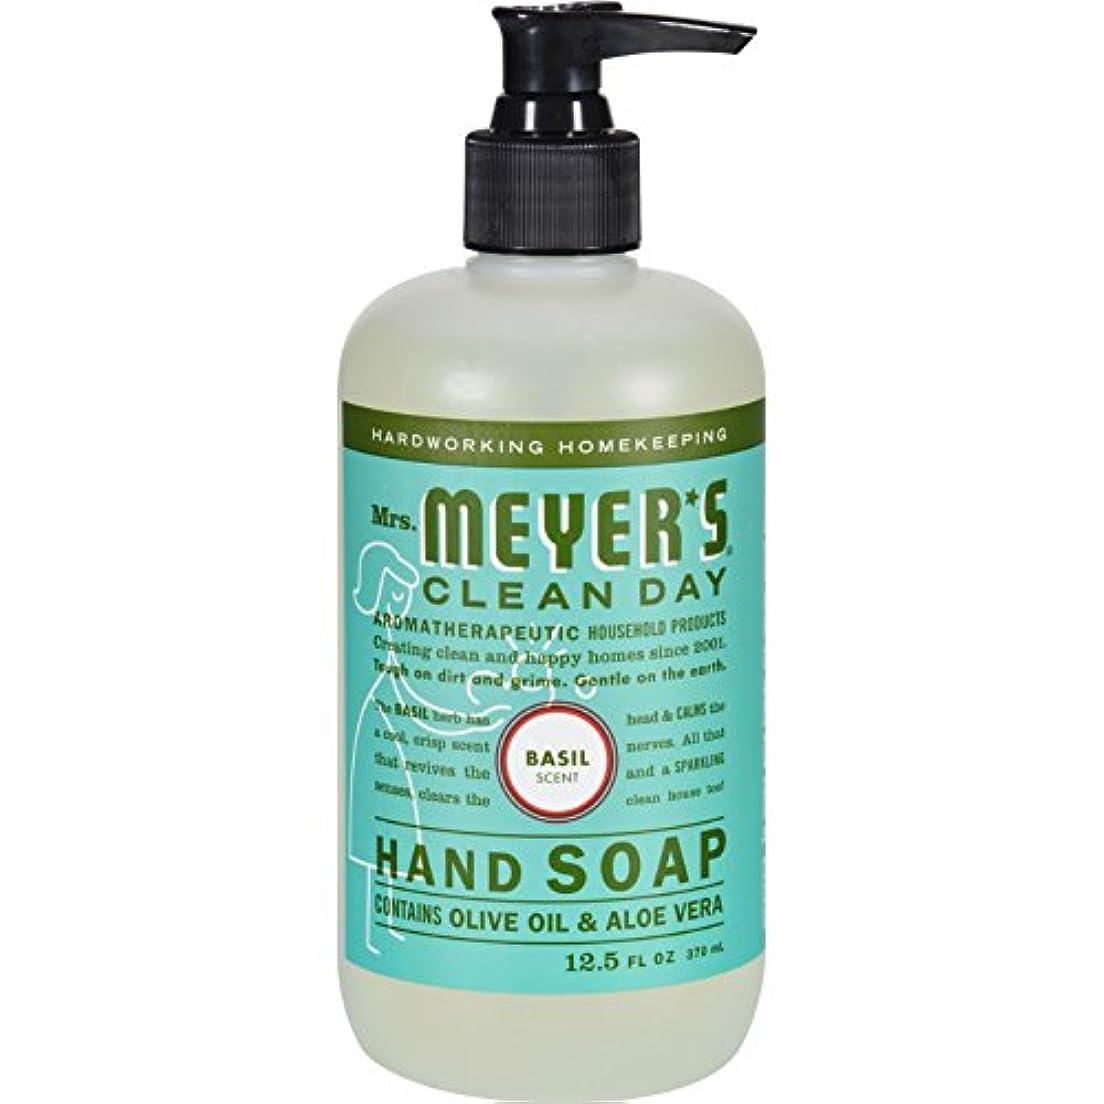 ペルーウィスキー凝縮するMRS. MEYER'S HAND SOAP,LIQ,BASIL, 12.5 FZ by Mrs. Meyer's Clean Day